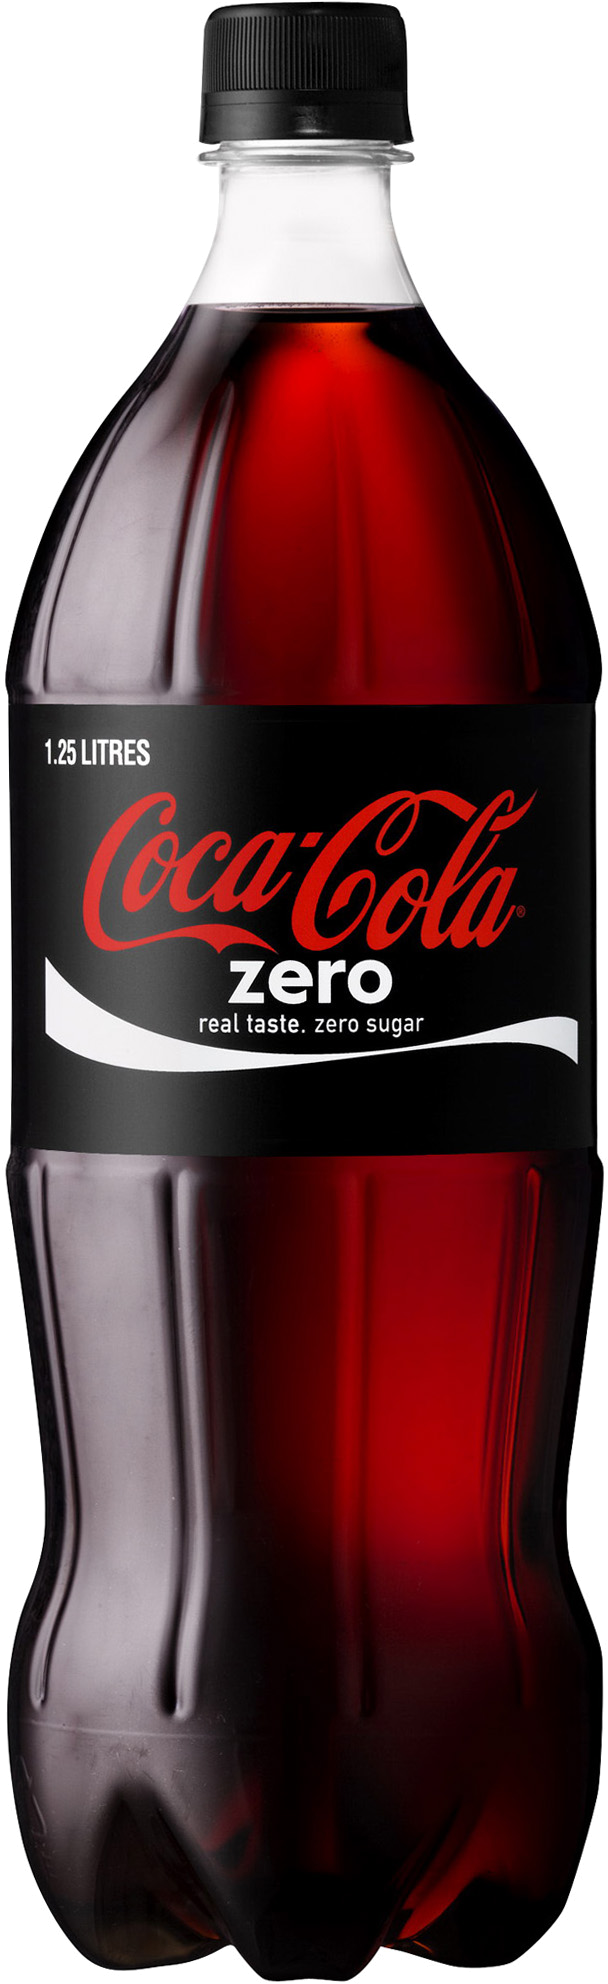 Coke clipart group image. Coca cola bottle png